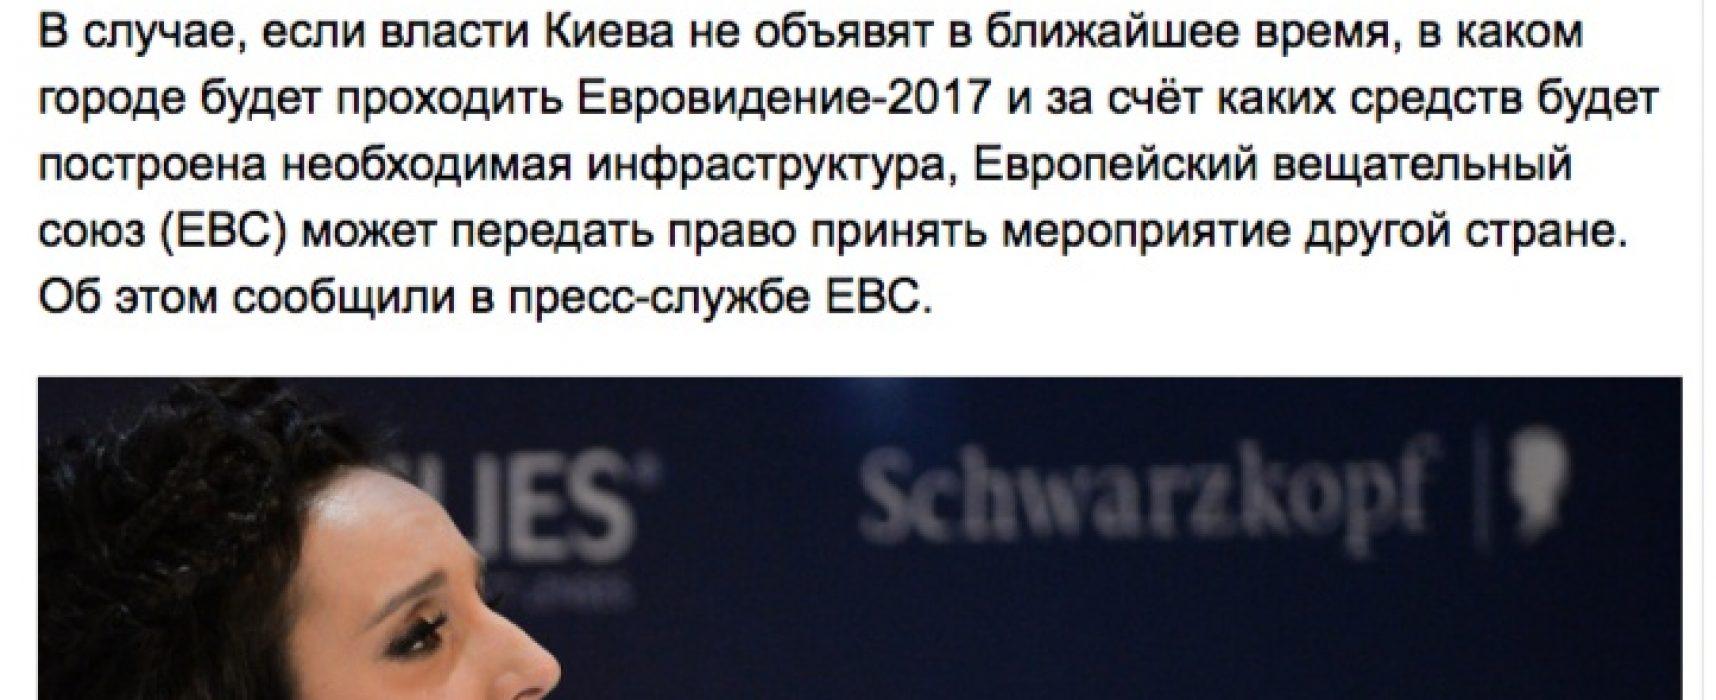 """Фейк: """"Евровидение – 2017"""" может пройти в России вместо Украины"""